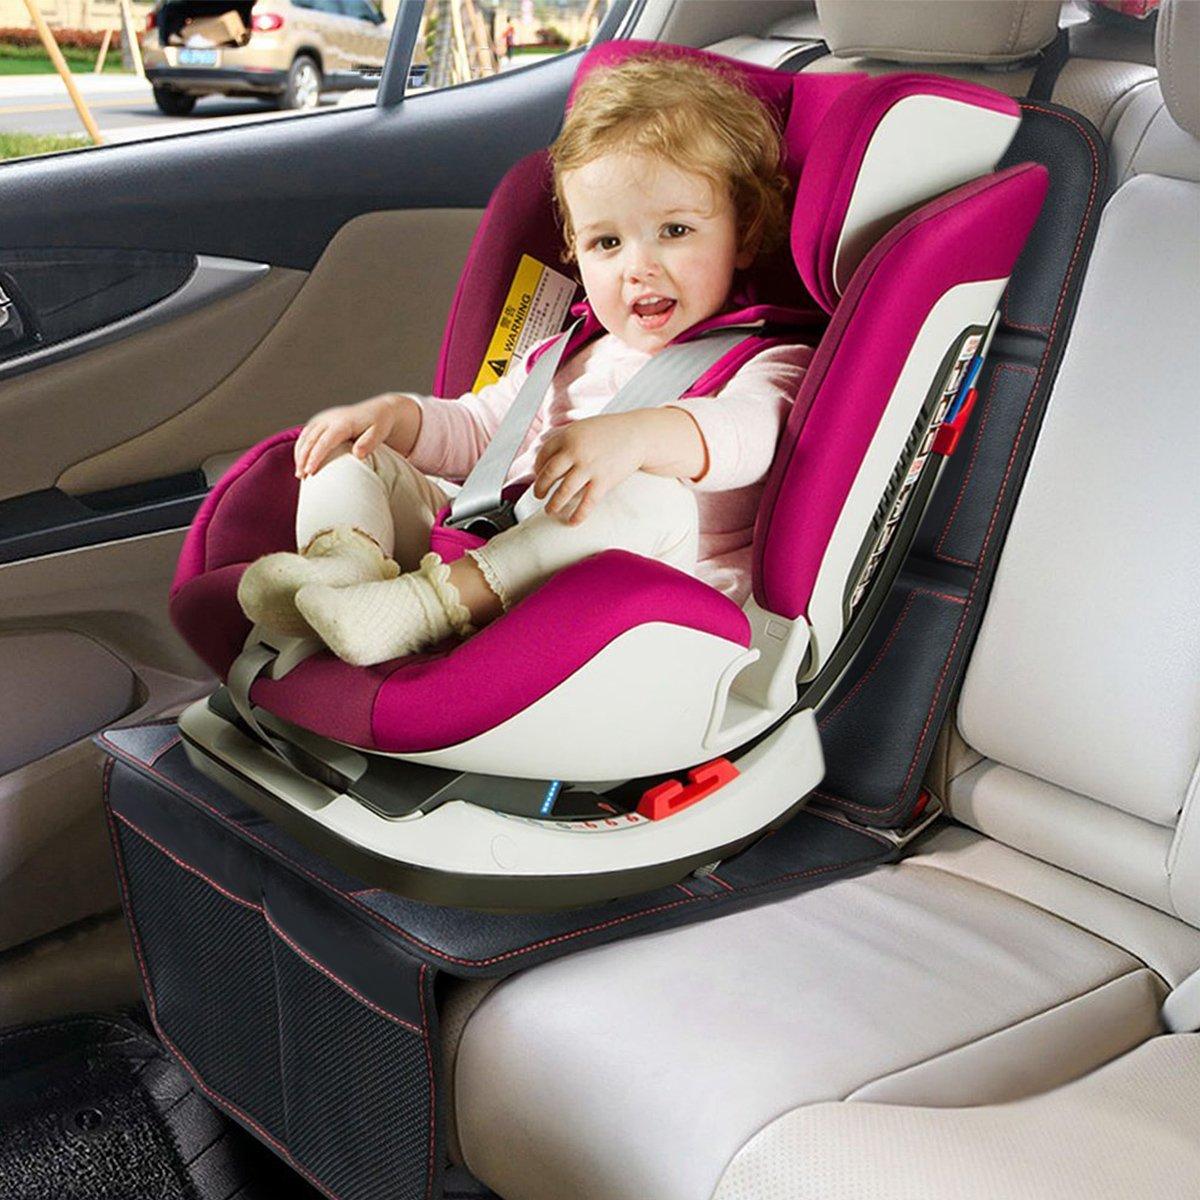 ONE PICE Tama/ño universal para asientos de coche y de beb/és o ni/ños Con bolsillos organizadores. Protector antideslizante para asientos de coche